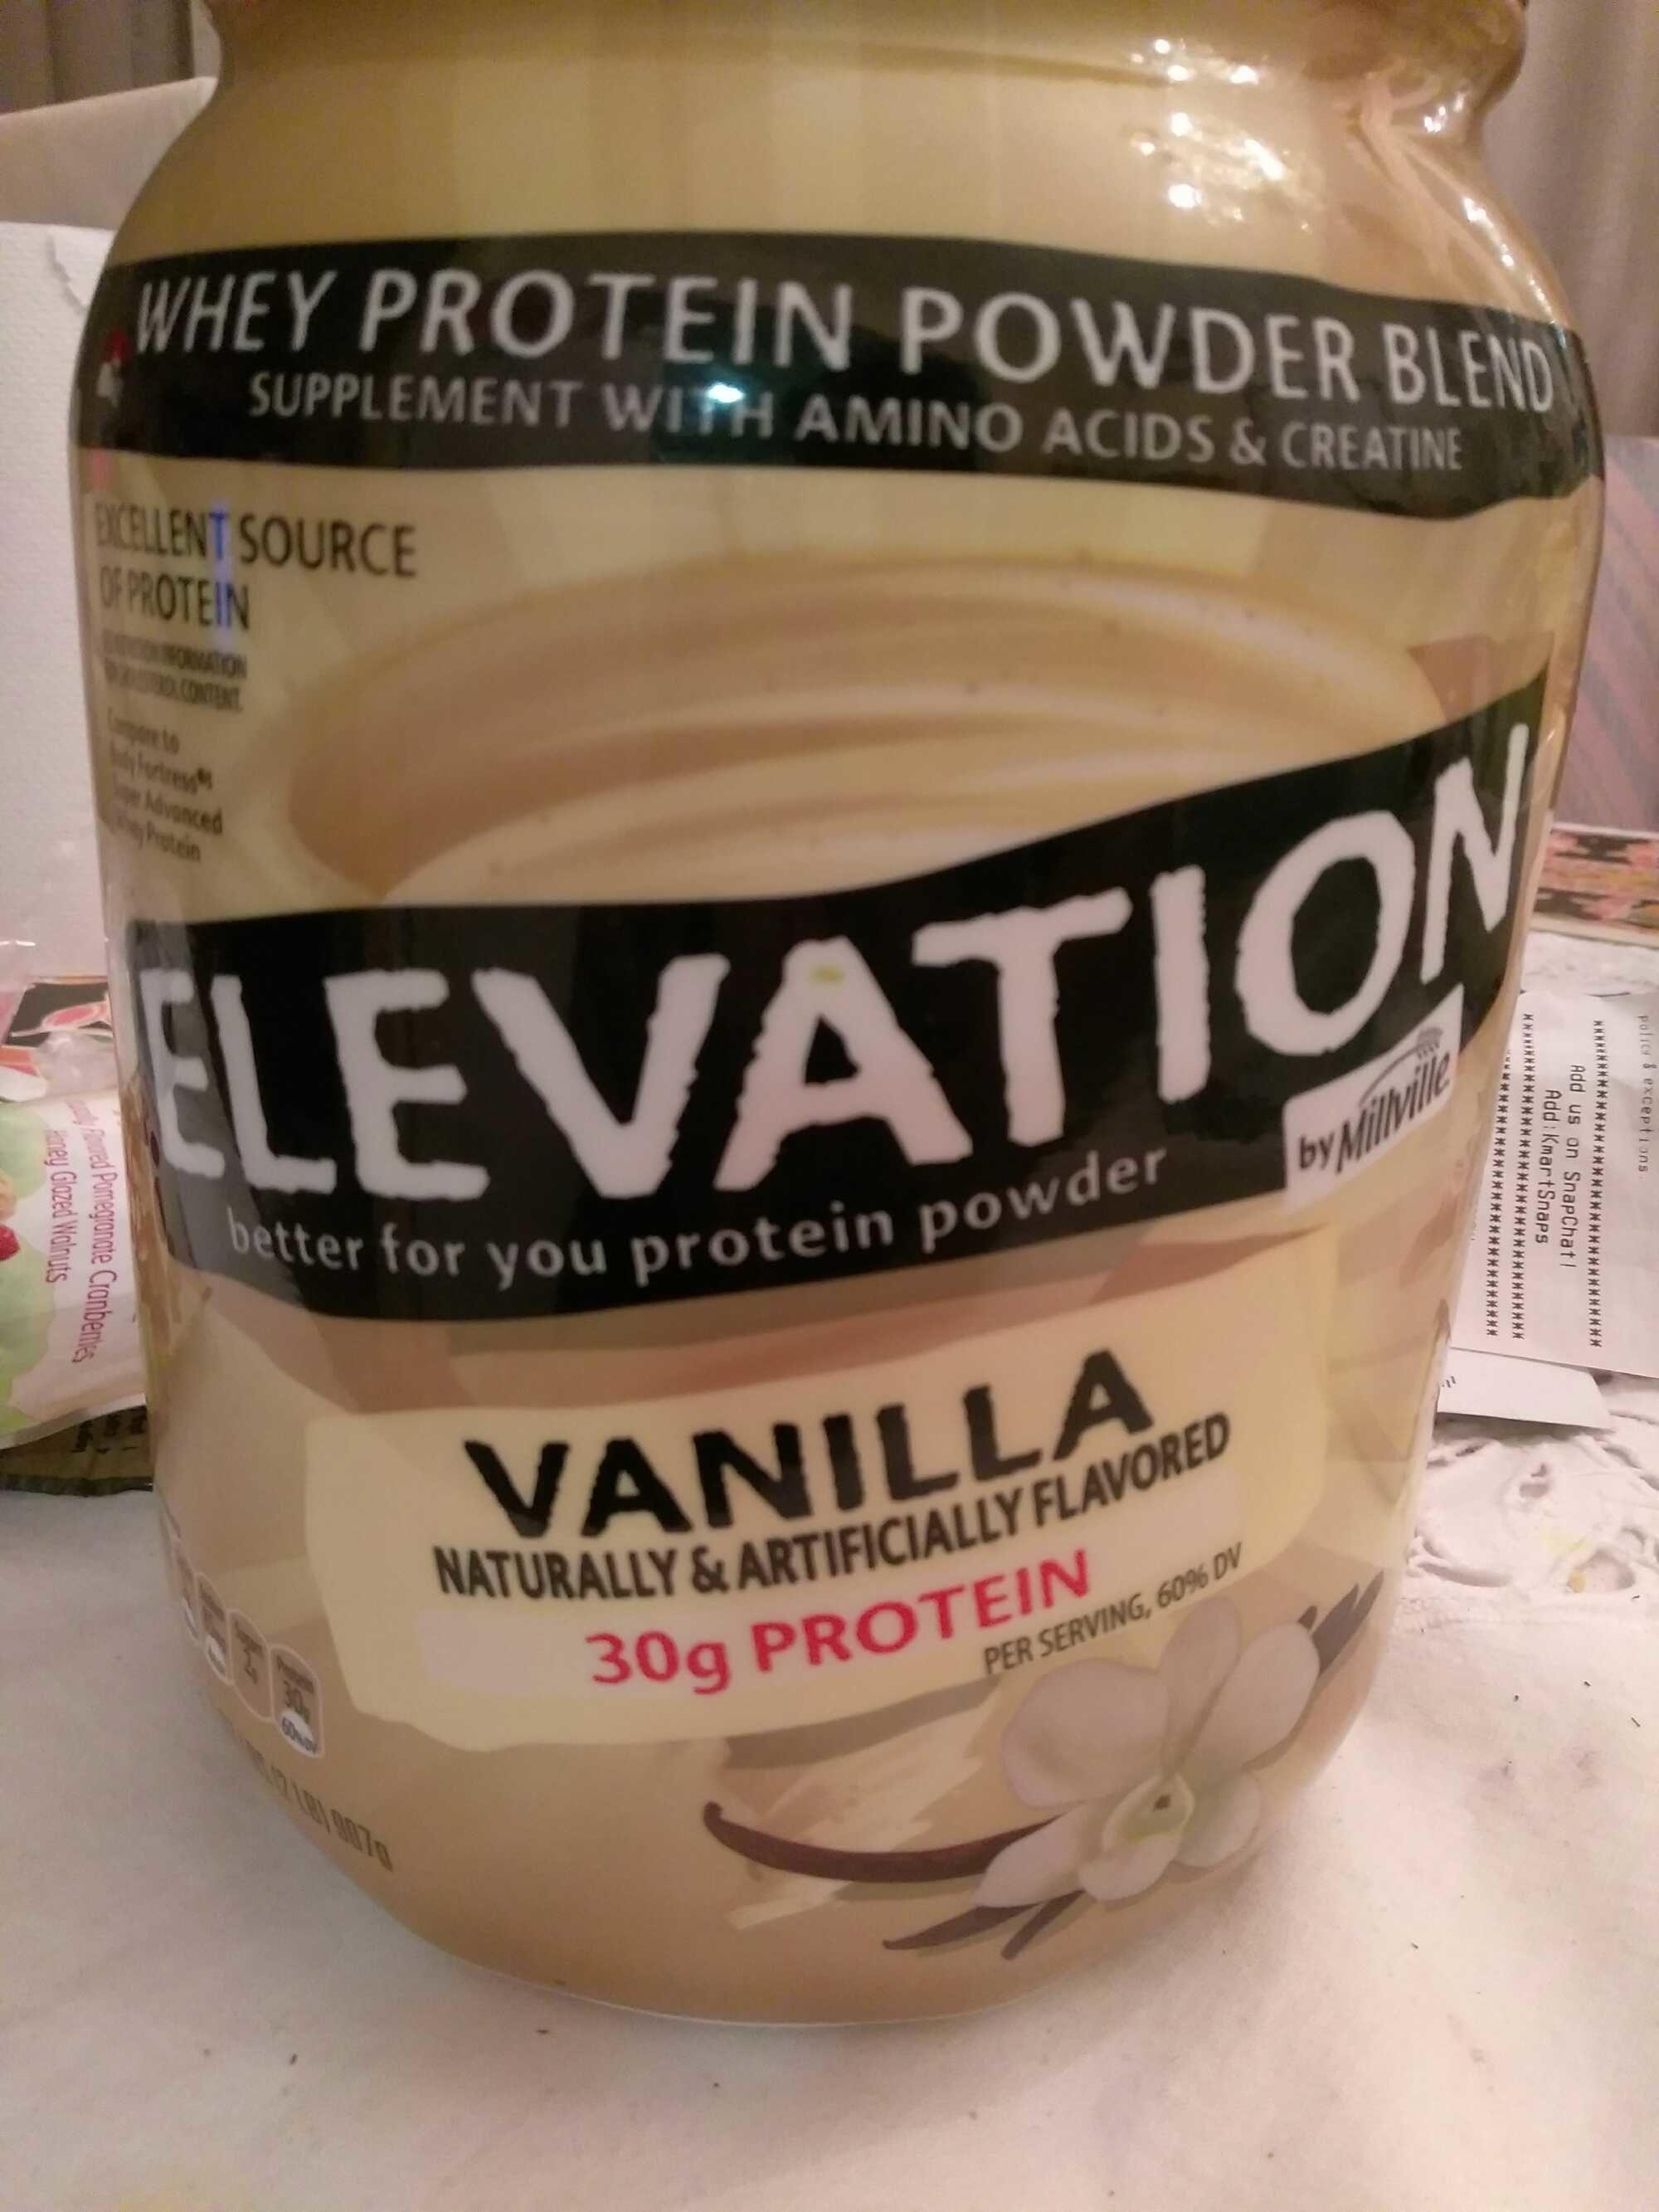 Elevation Protein Powder Millville 32oz